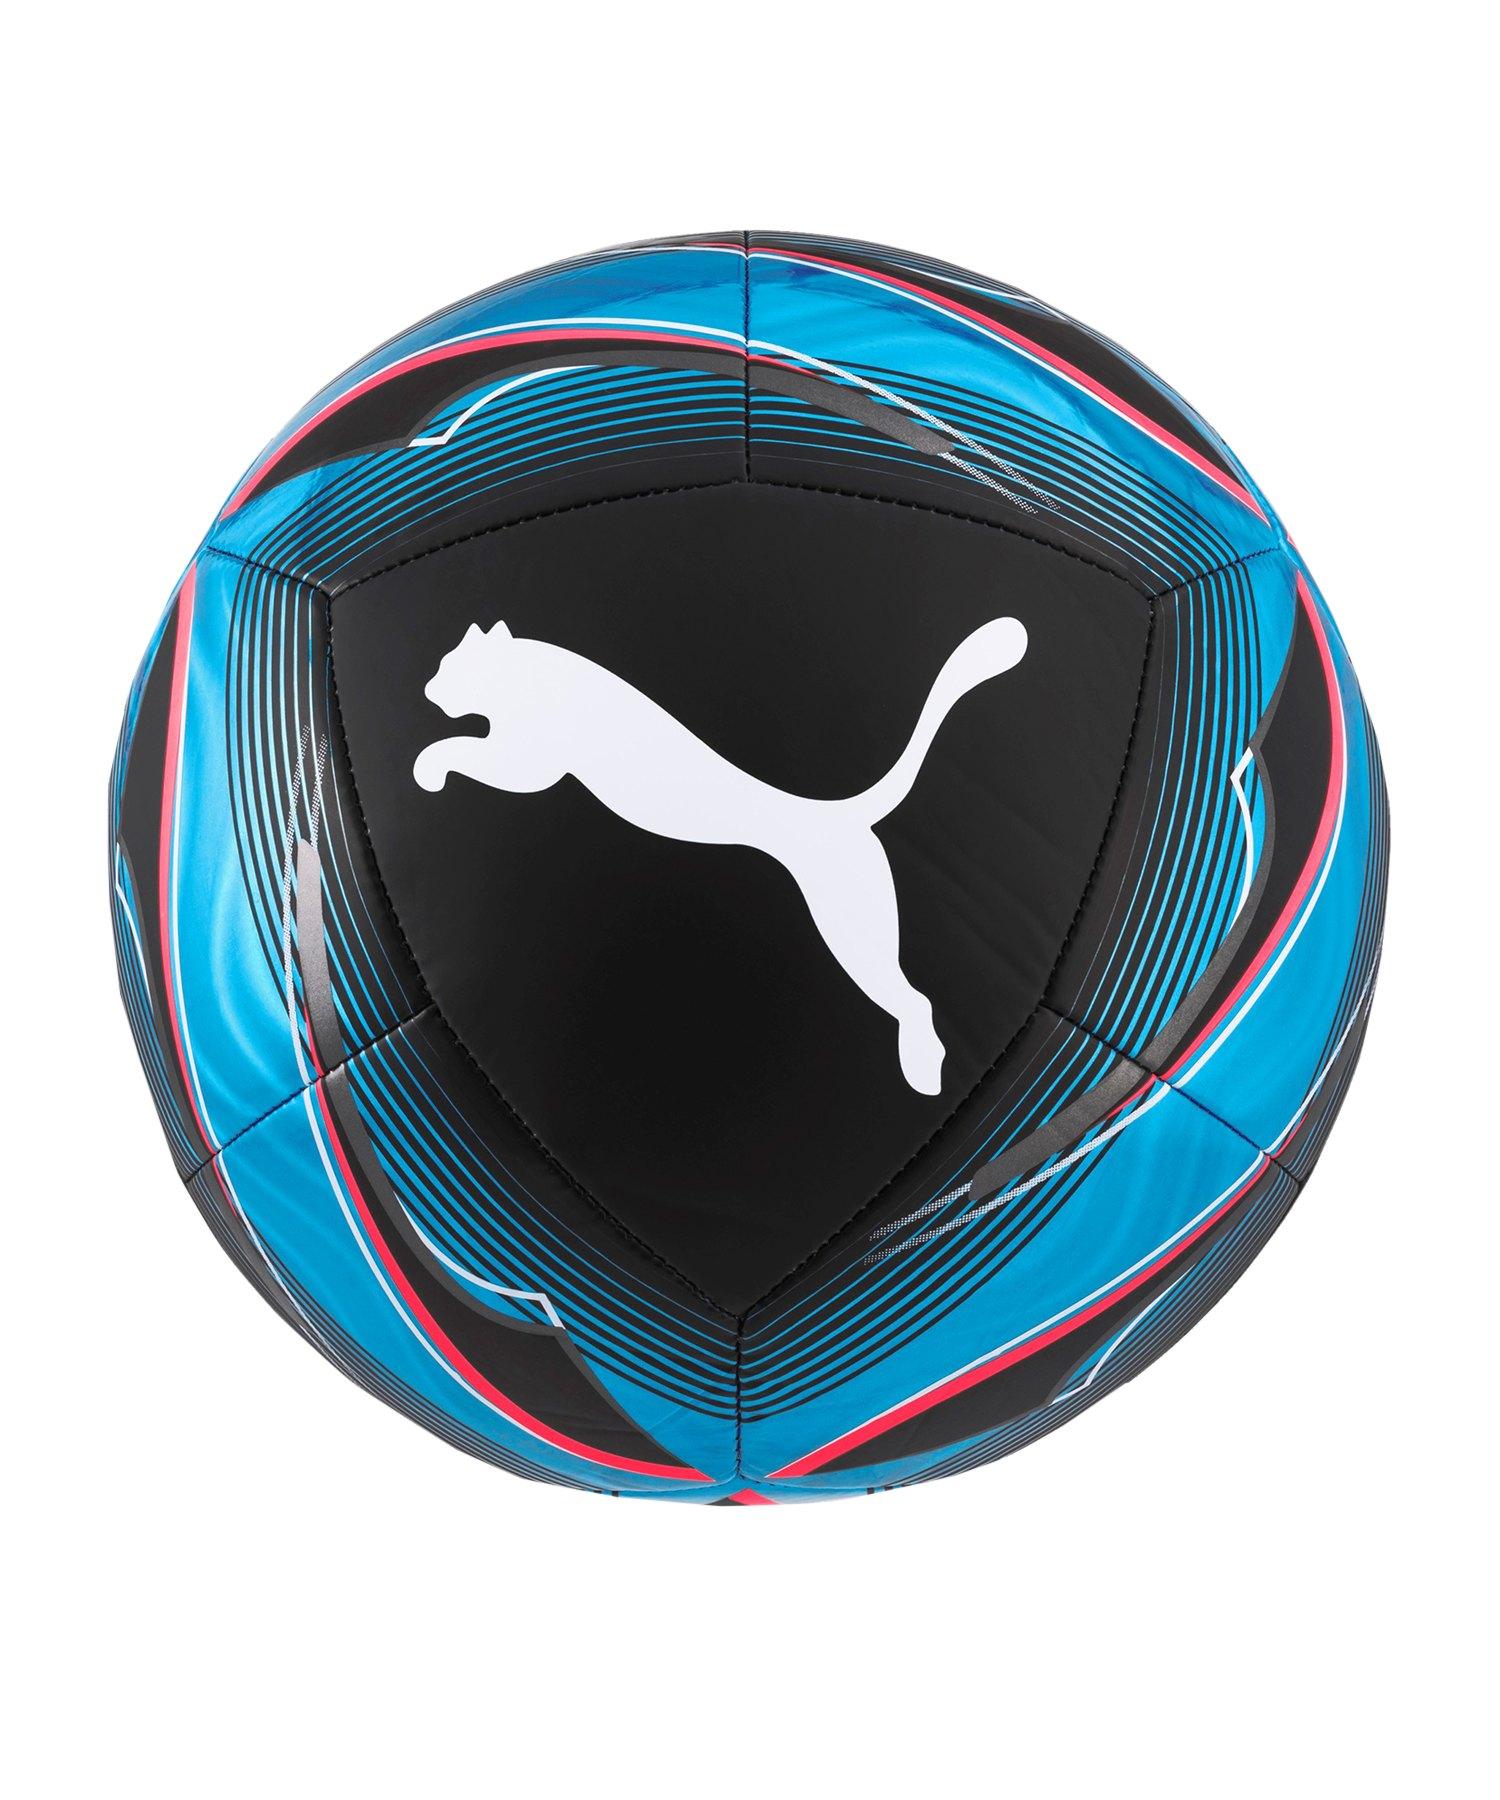 PUMA ICON Trainingsball Schwarz Blau F01 - schwarz